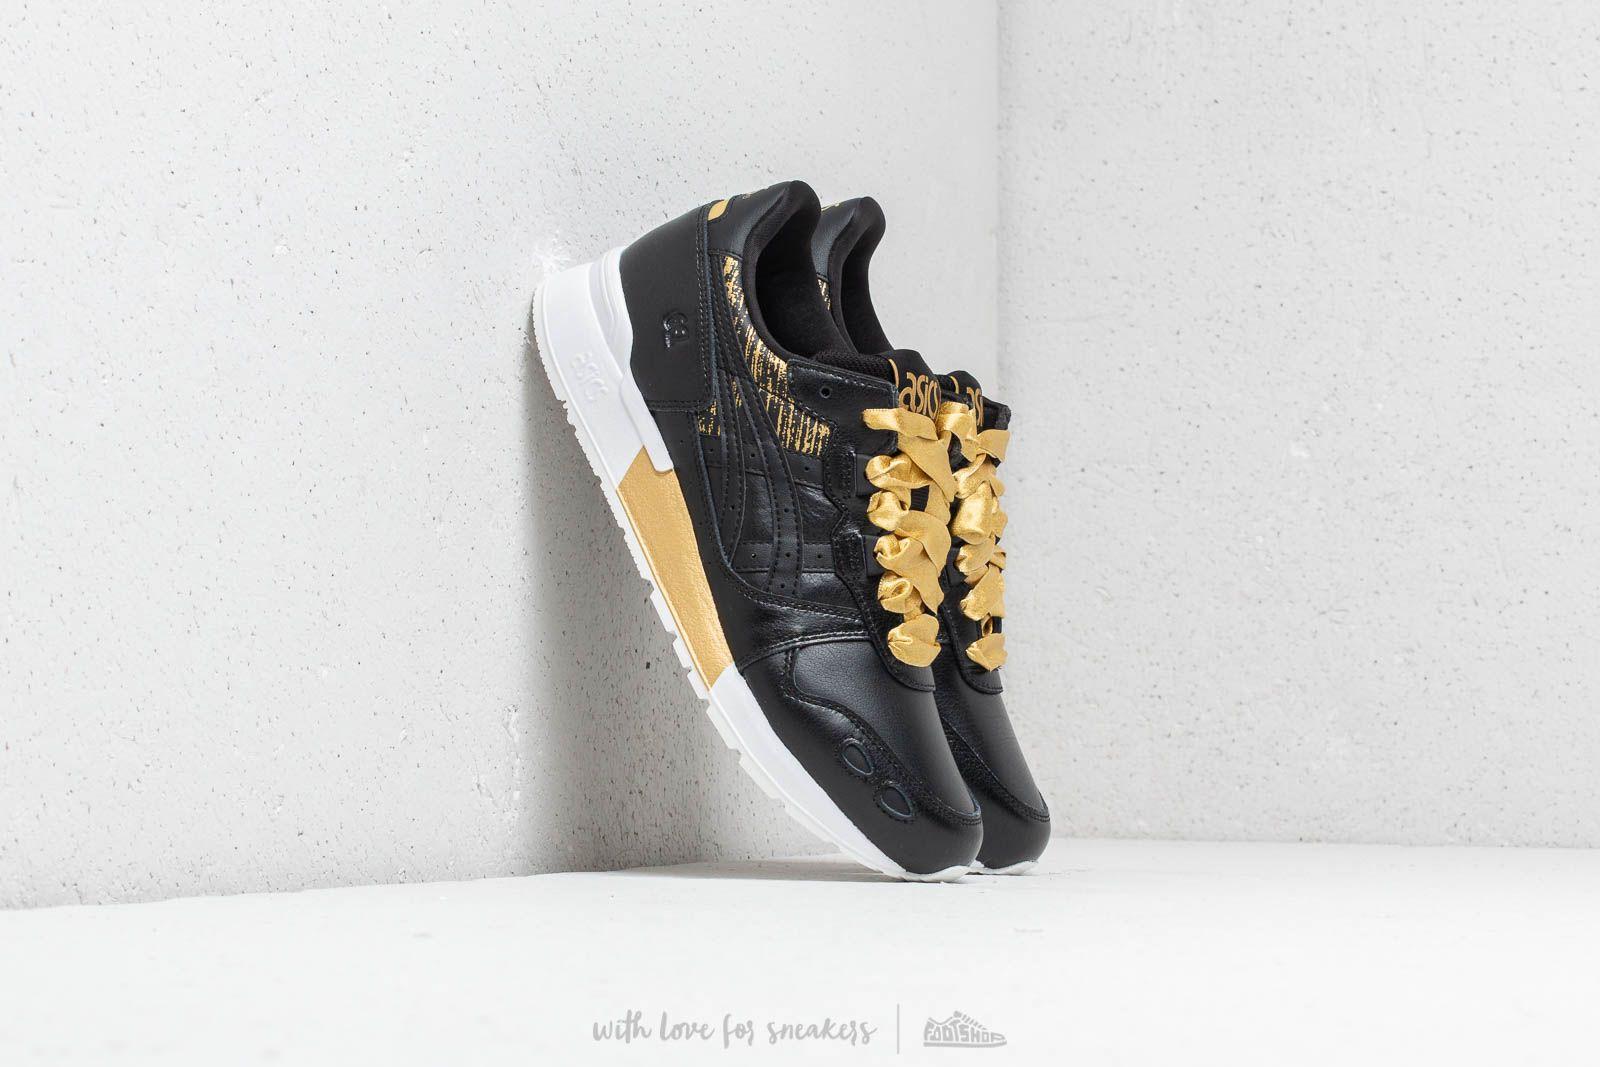 Asics Gel-Lyte Black/ Black za skvělou cenu 1 500 Kč koupíte na Footshop.cz